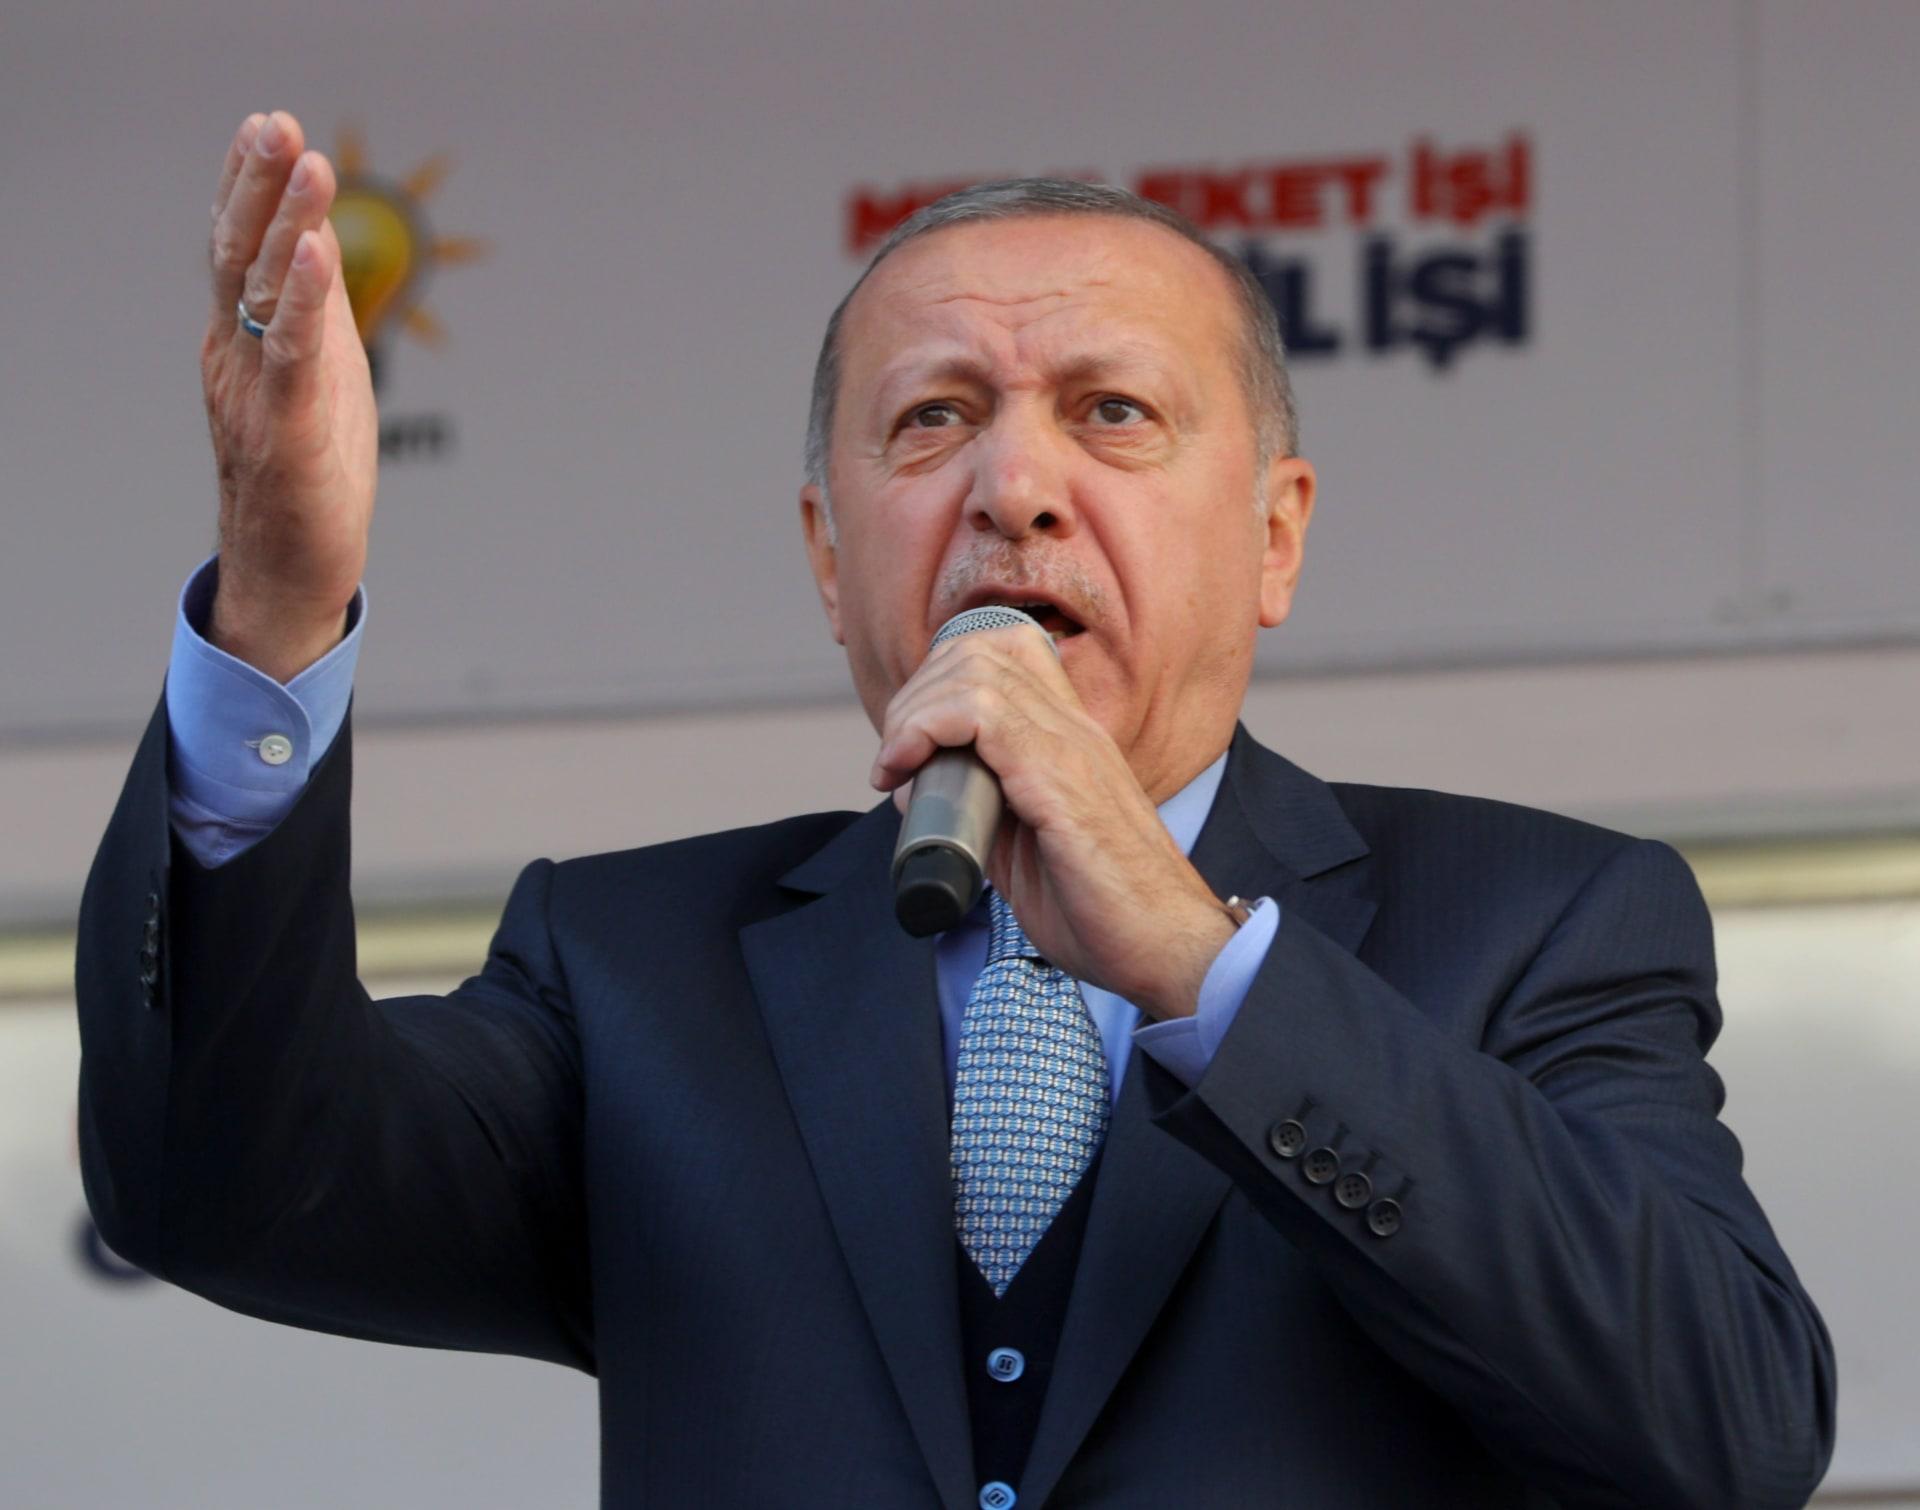 عبد الرحمن بن مساعد: لا يجب أخذ مواقف أردوغان على محمل الجد